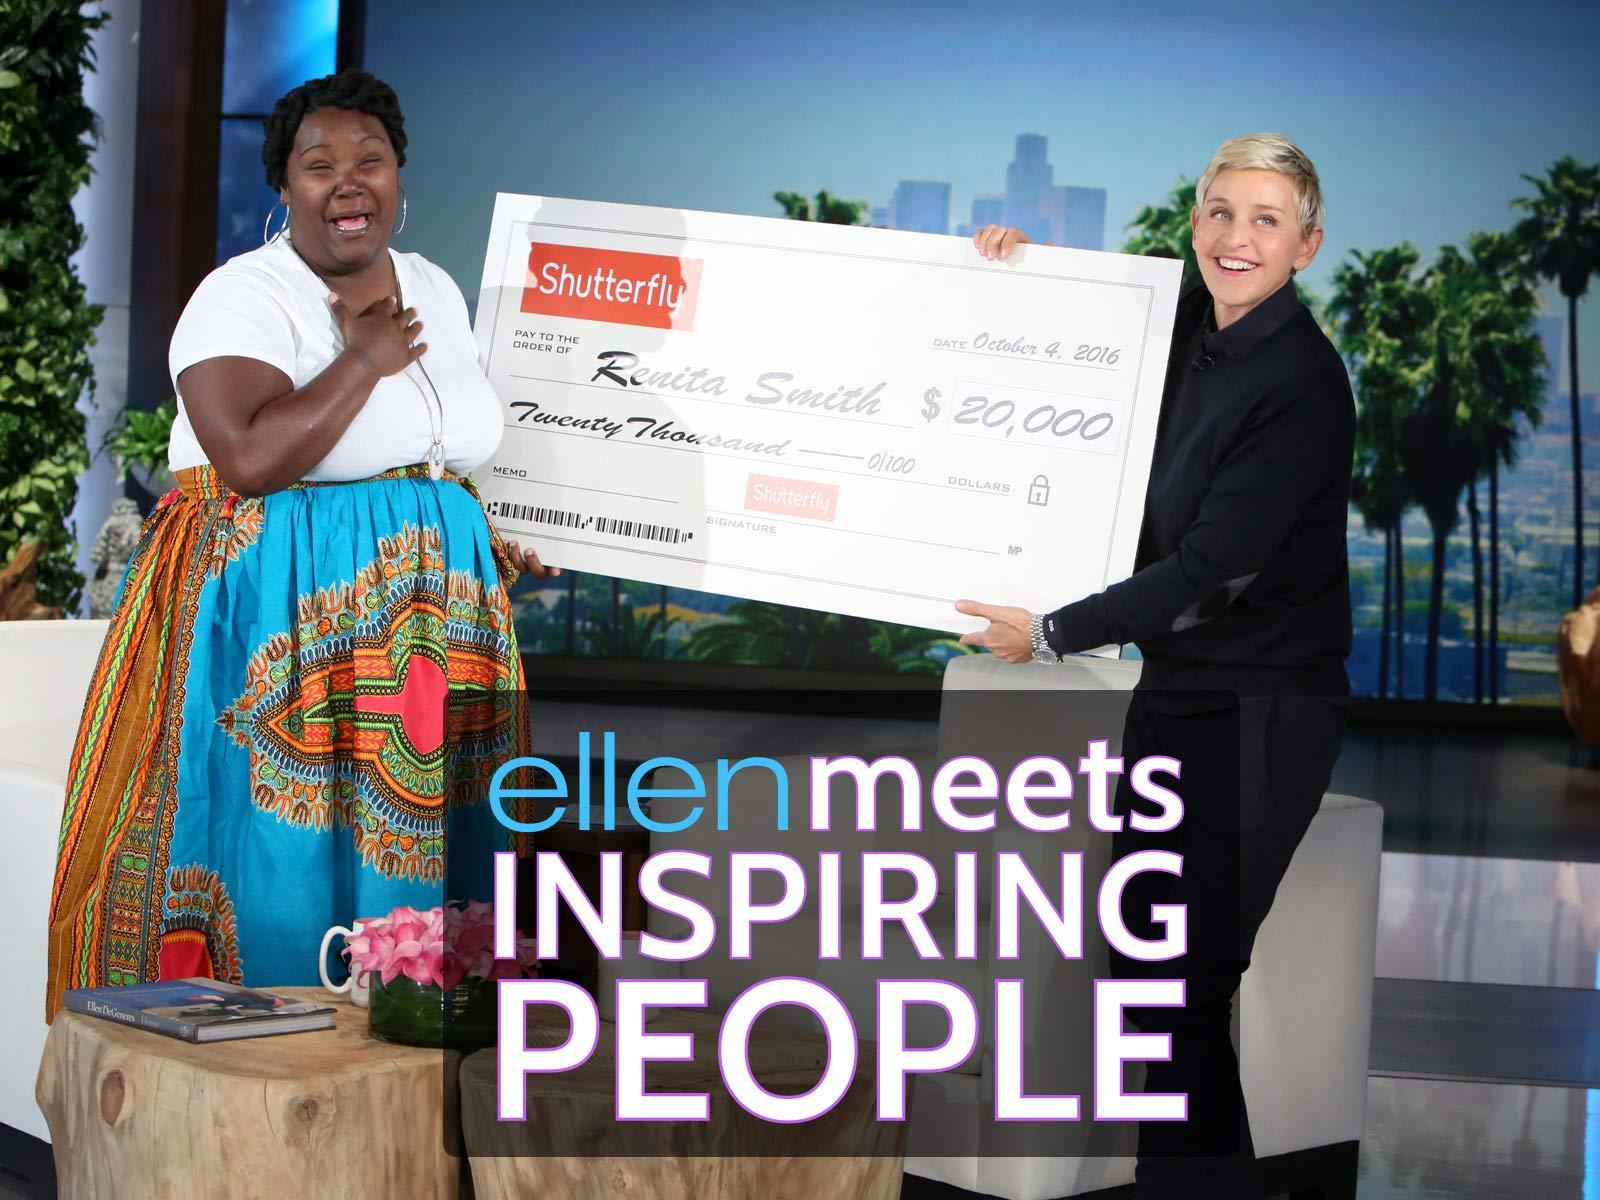 Ellen Meets Inspiring People